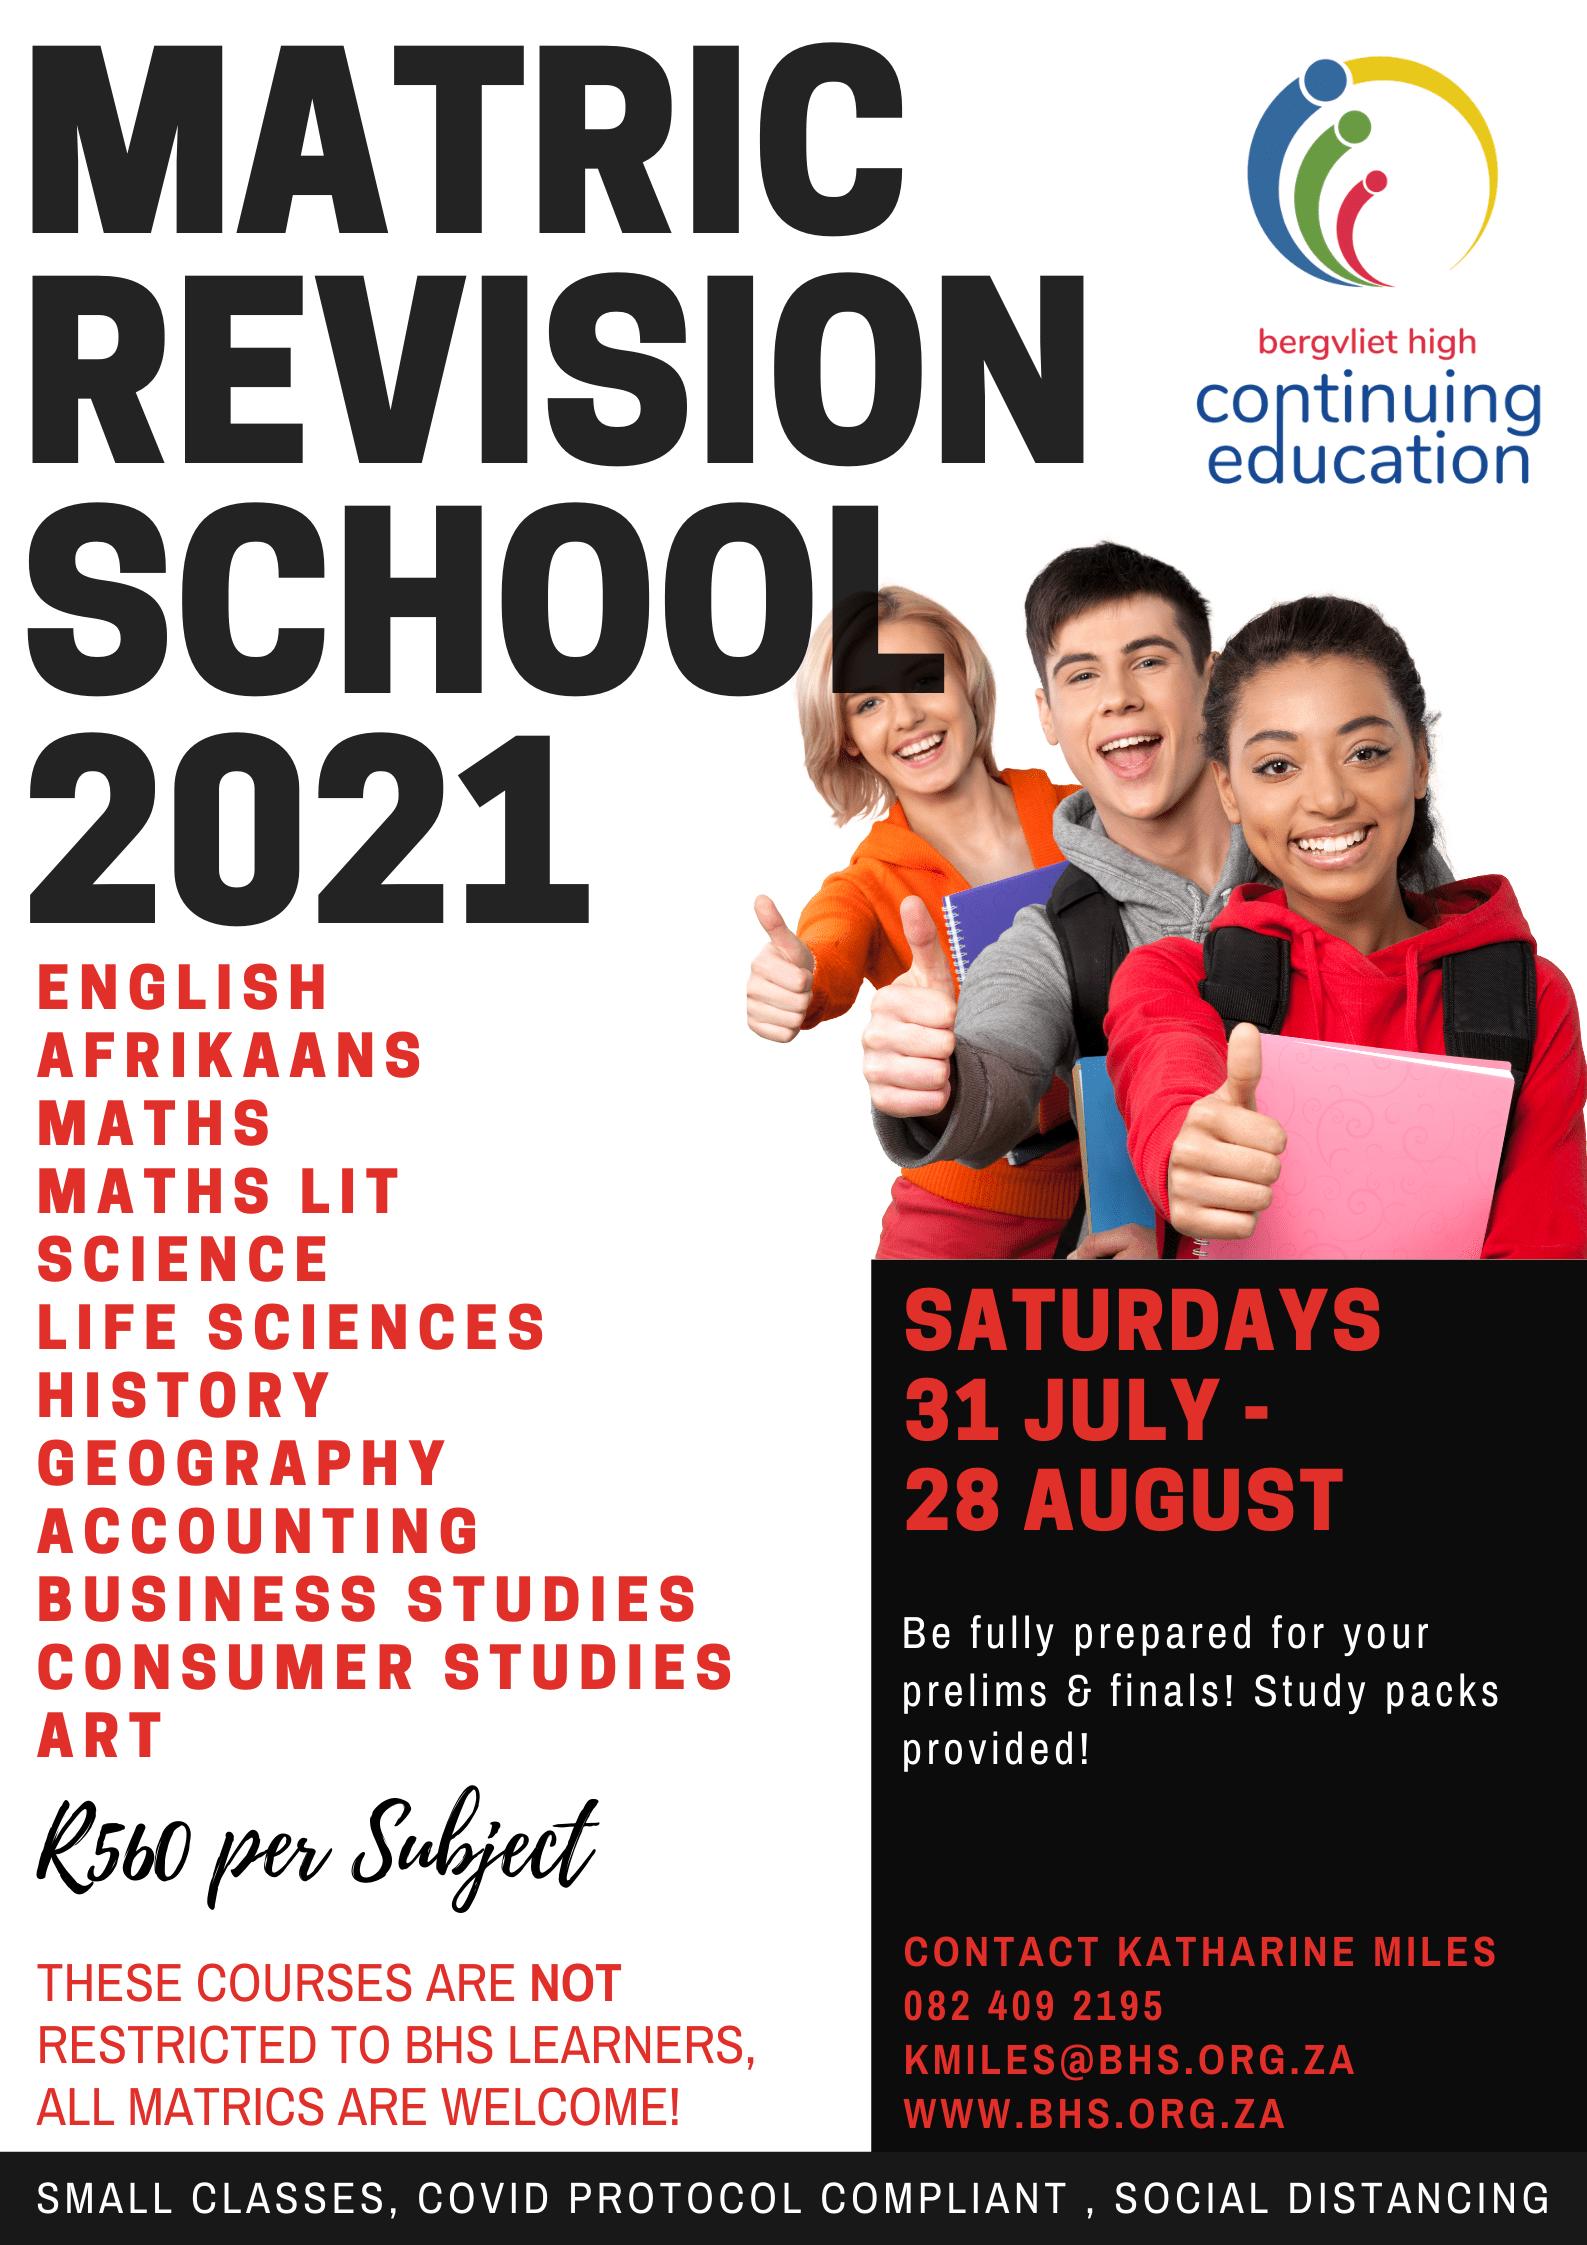 Revision School 2021